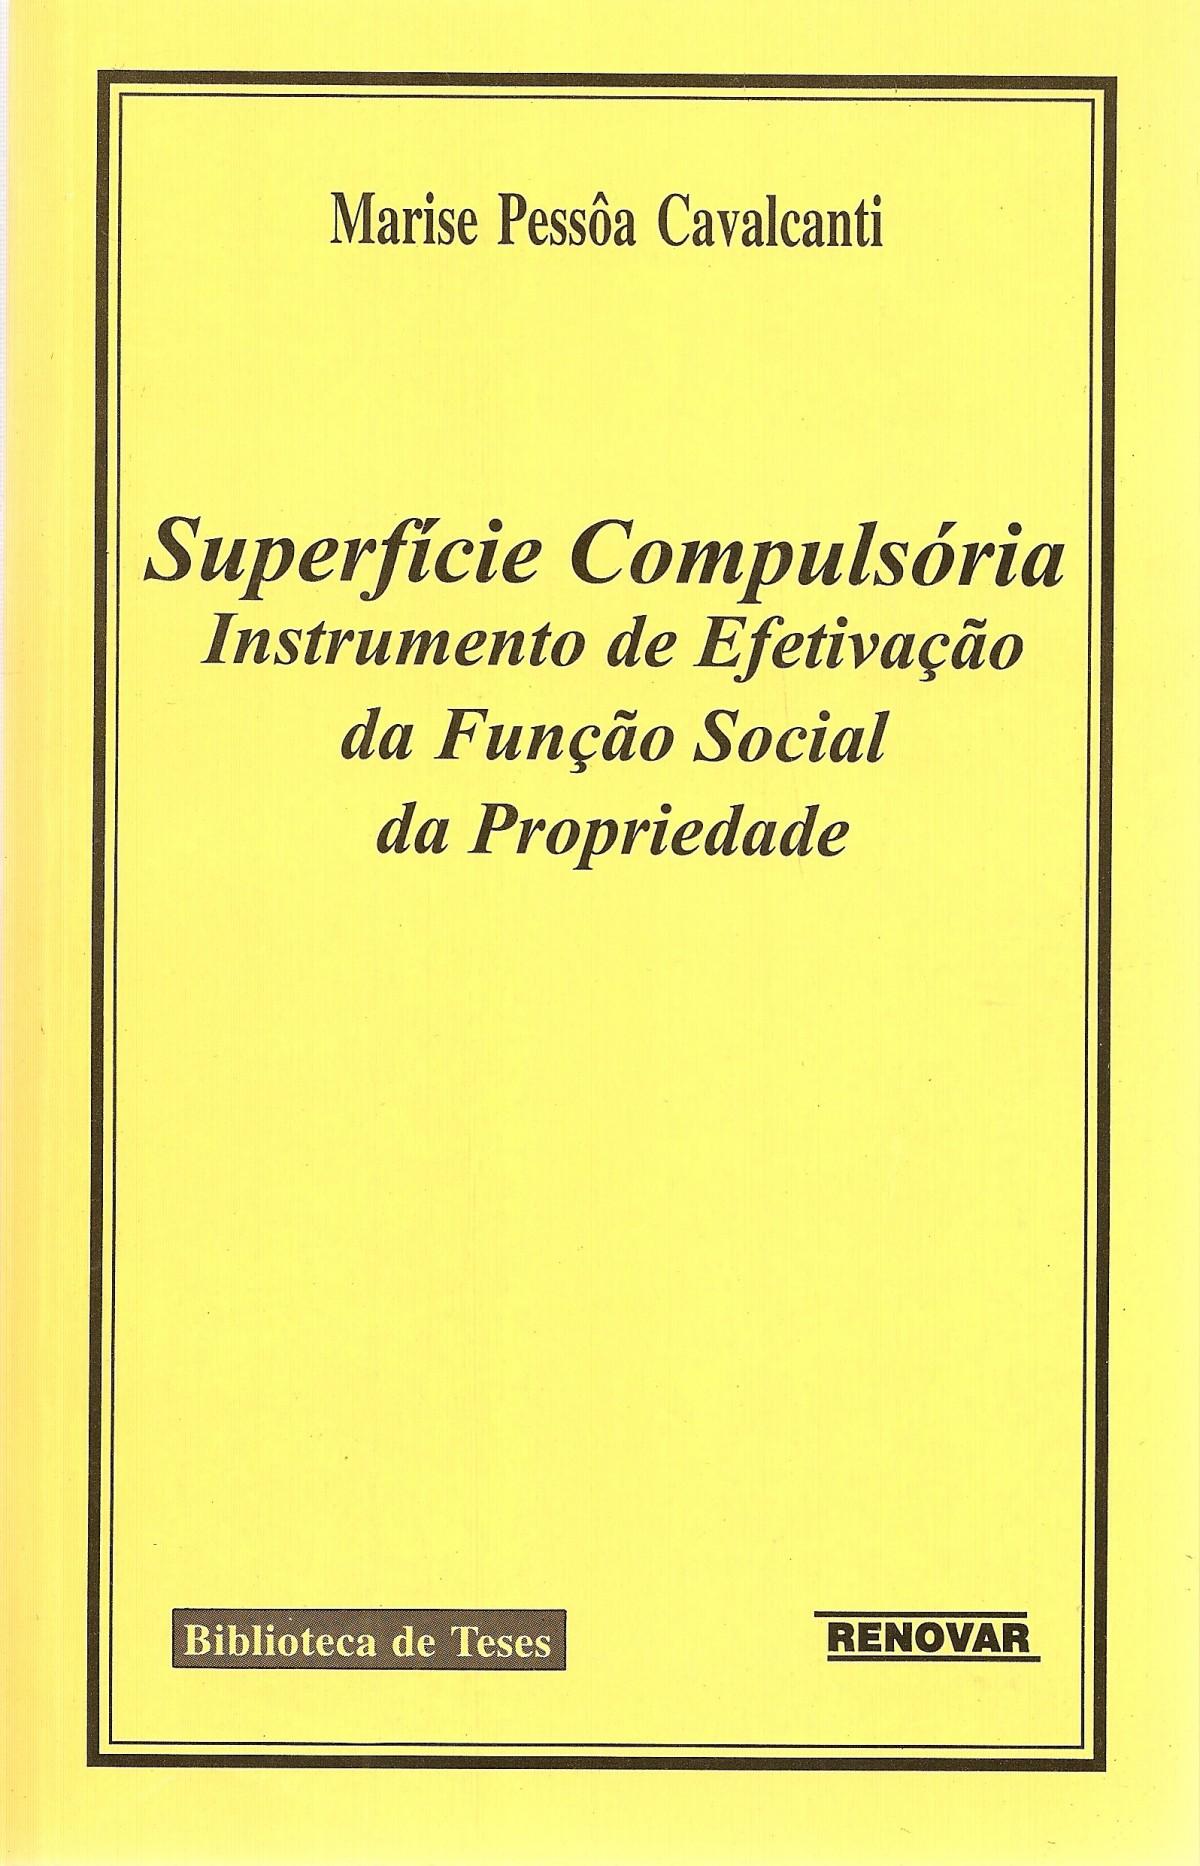 Foto 1 - Superfície Compulsória